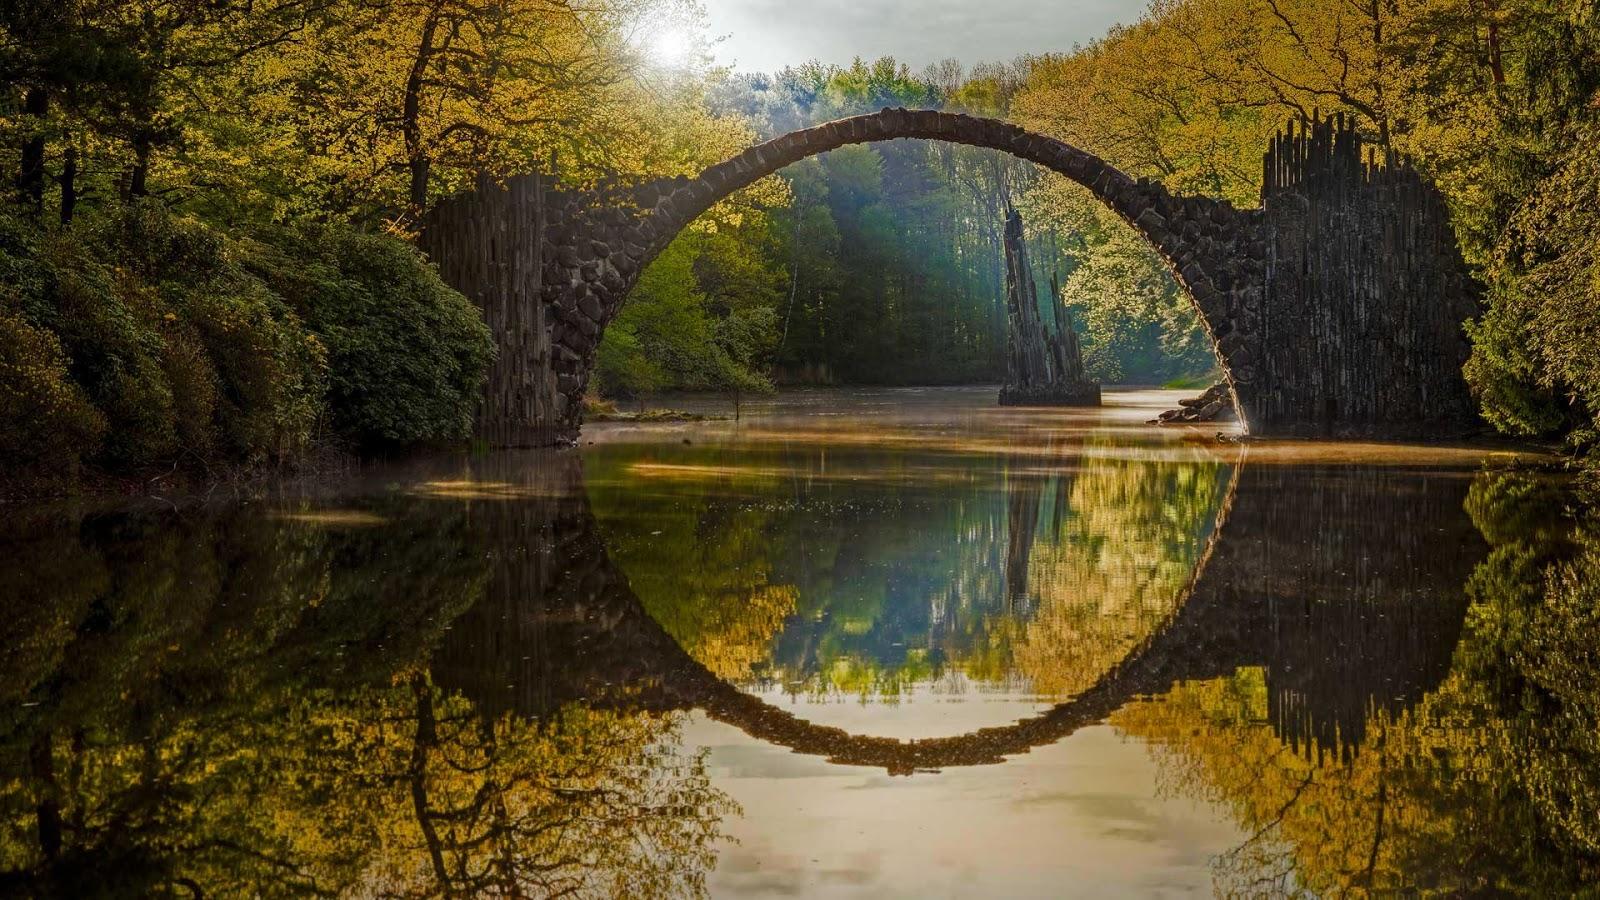 Rakotzbrücke (Rakotz Bridge), Kromlau, Germany Hd Background